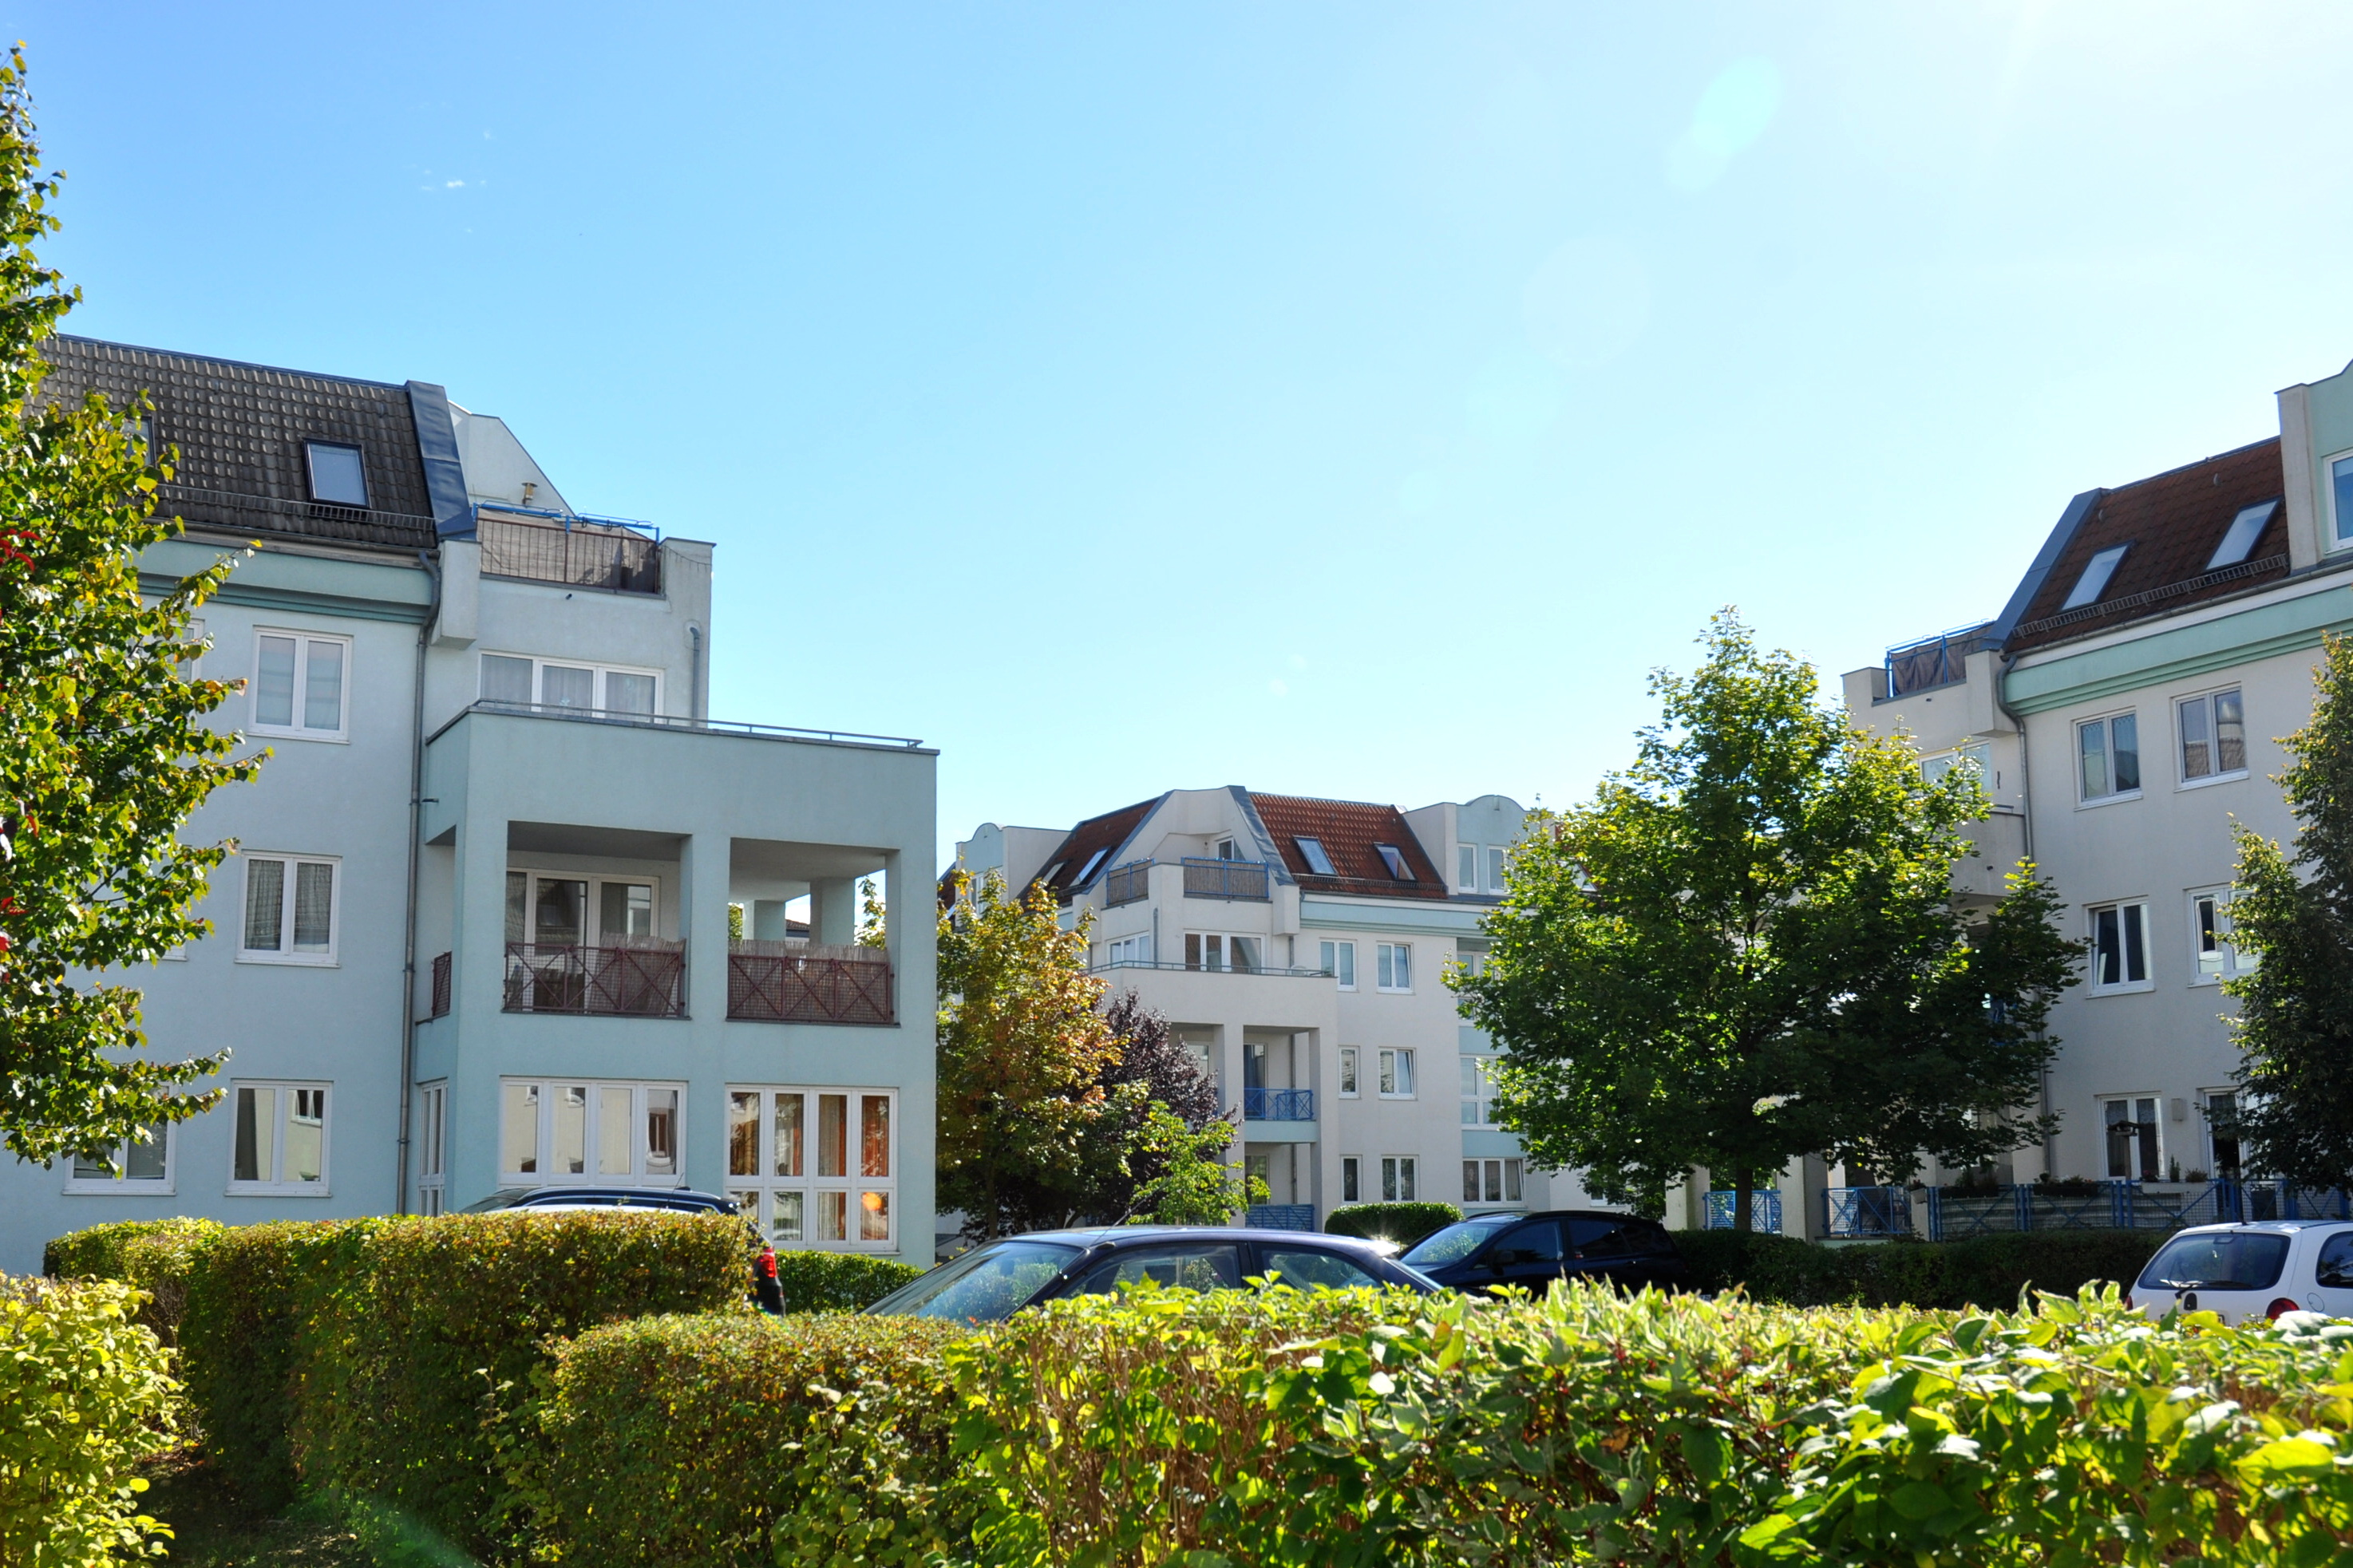 Wohngebiet Rote-Mühle-Quartier in Wittstock: Die neue Anlage versorgt 273 Wohn- und vier Gewerbeeinheiten auf einer Gesamtfläche von gut 19.000 Quadratmetern mit Wärme. (Bilder: Christamaria Ruch)